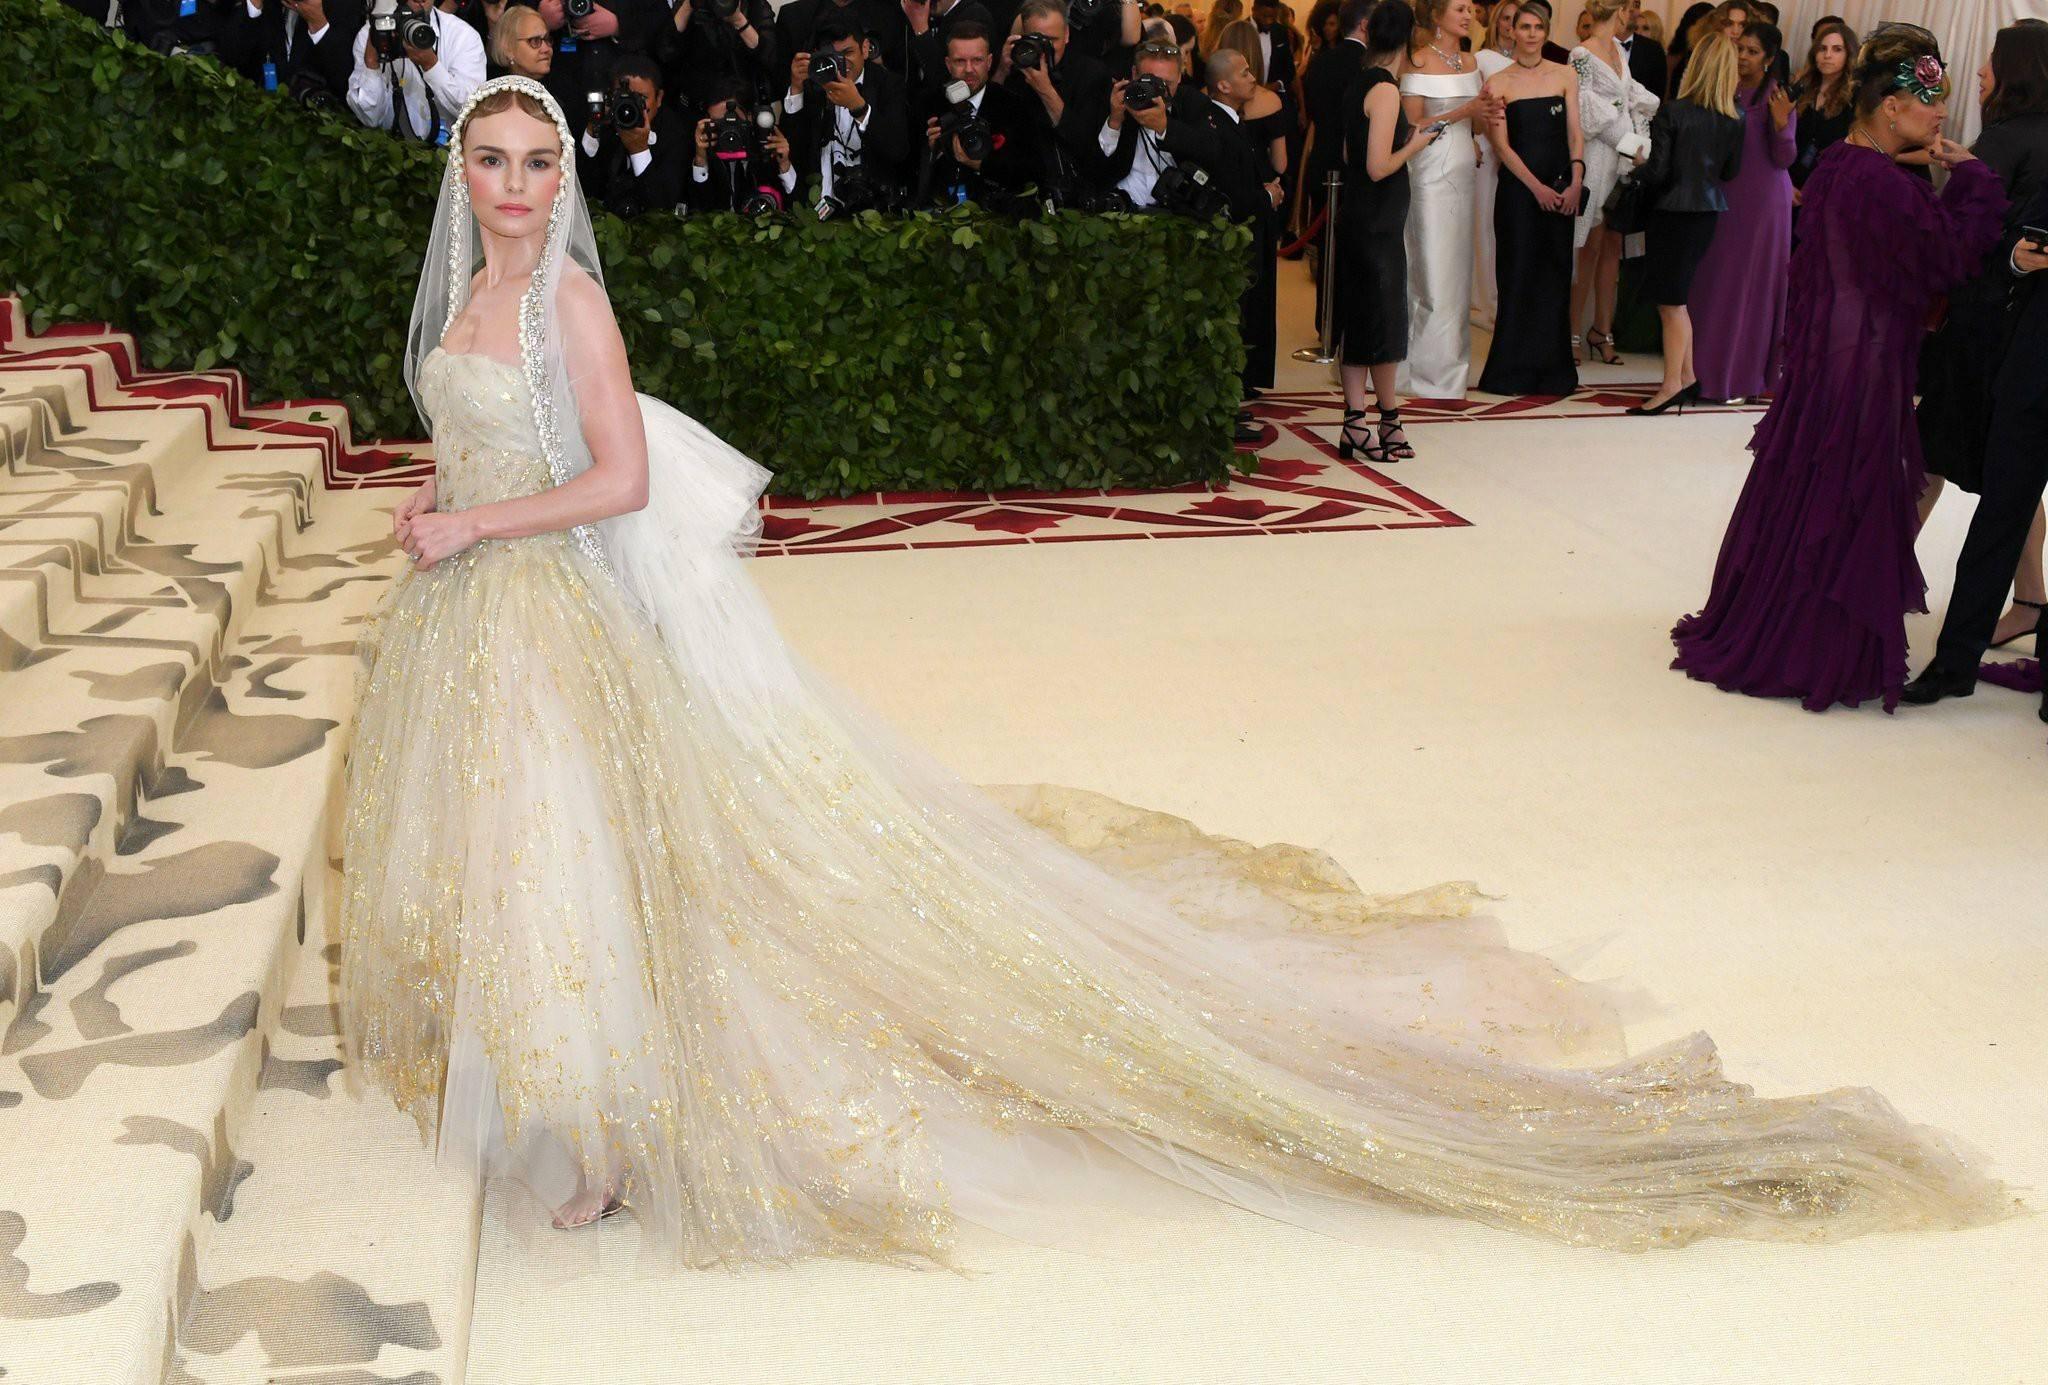 Kate Bosworth,  wearing Oscar de la Renta  That veil is perfection. She looks like an angel.